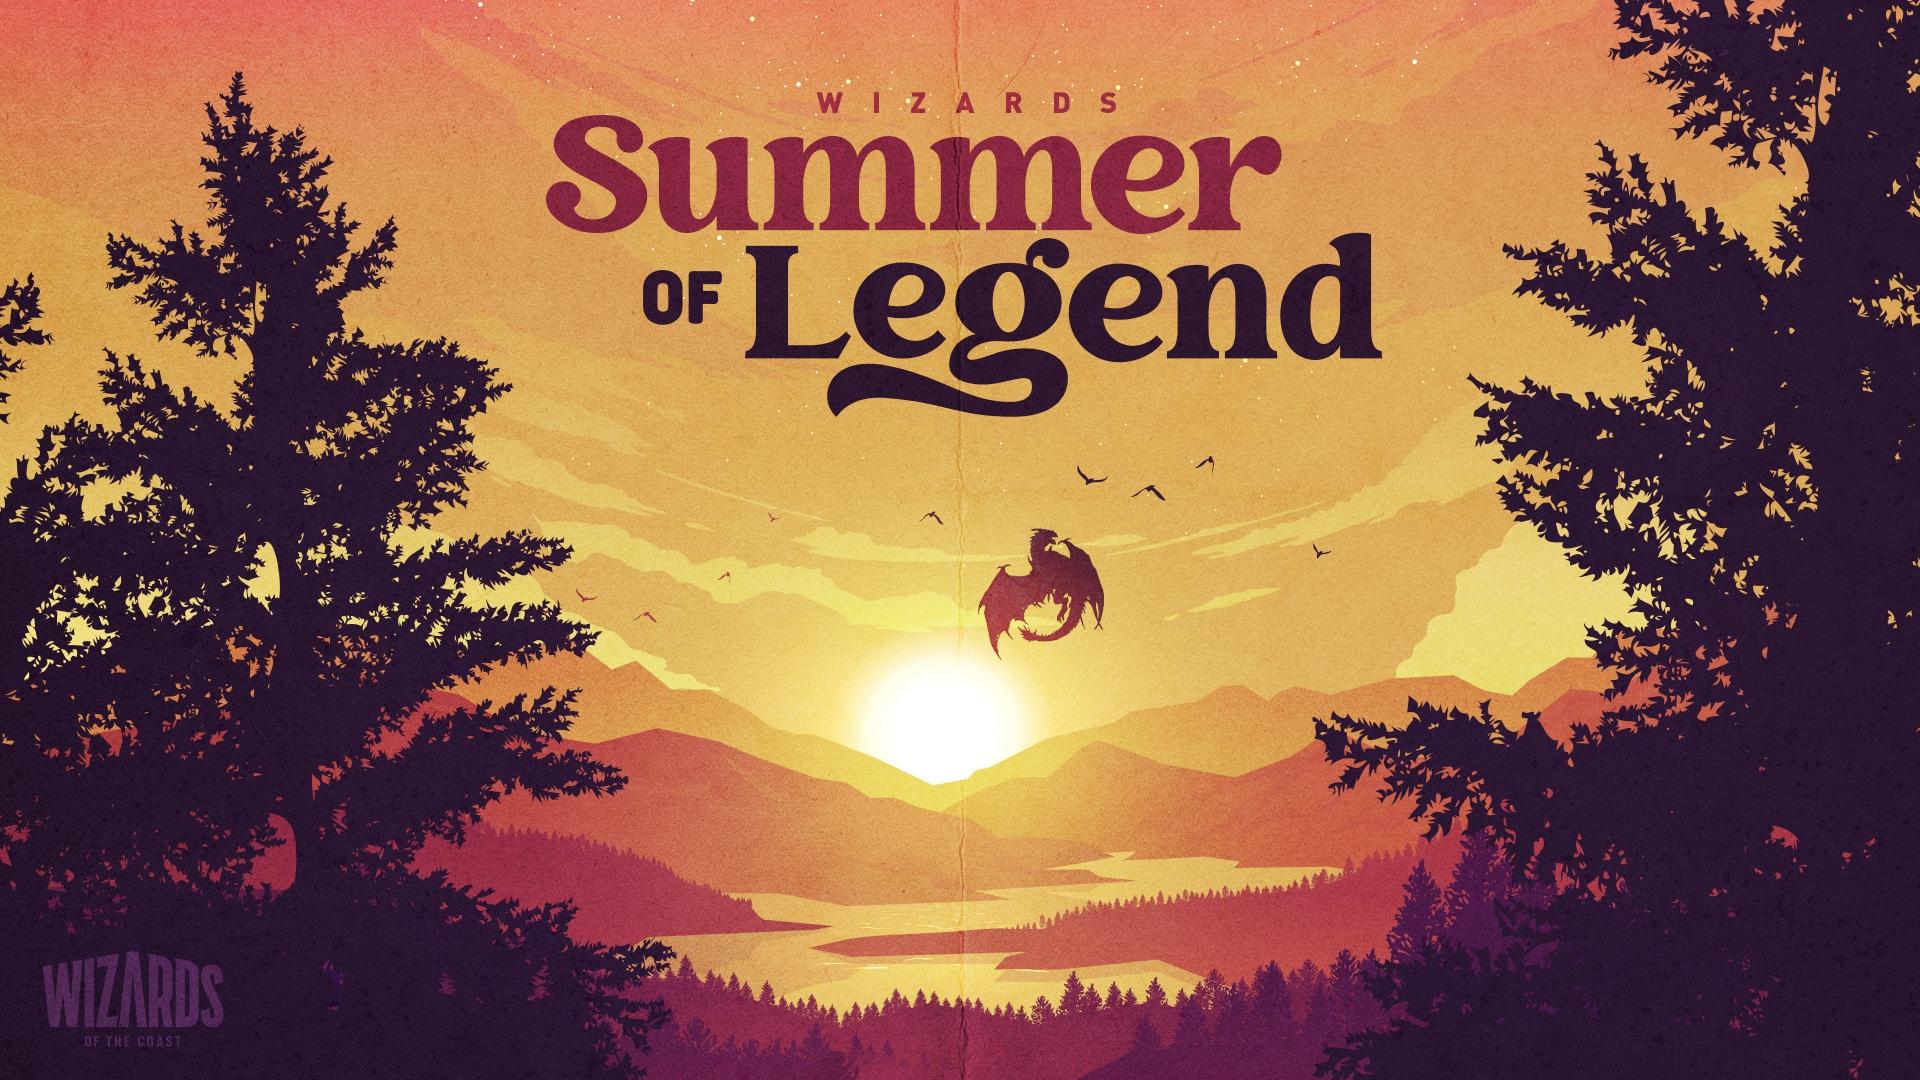 Capacity : Wizards Summer Of Legend